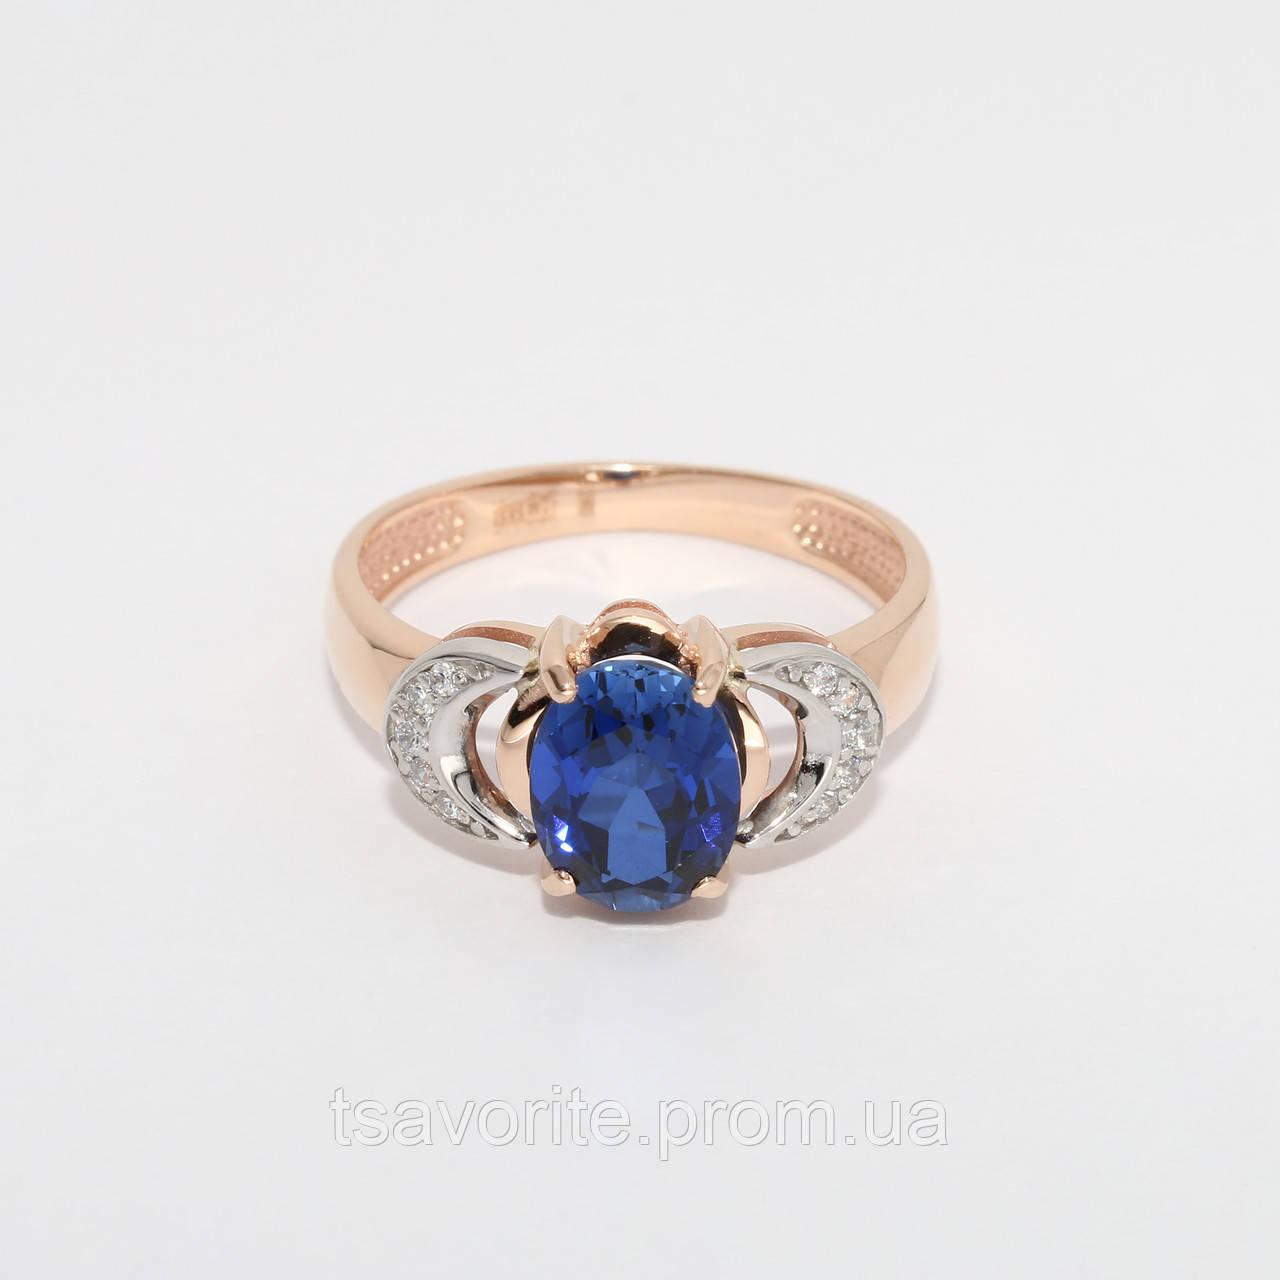 Золотое кольцо с искусственным сапфиром НХК-29